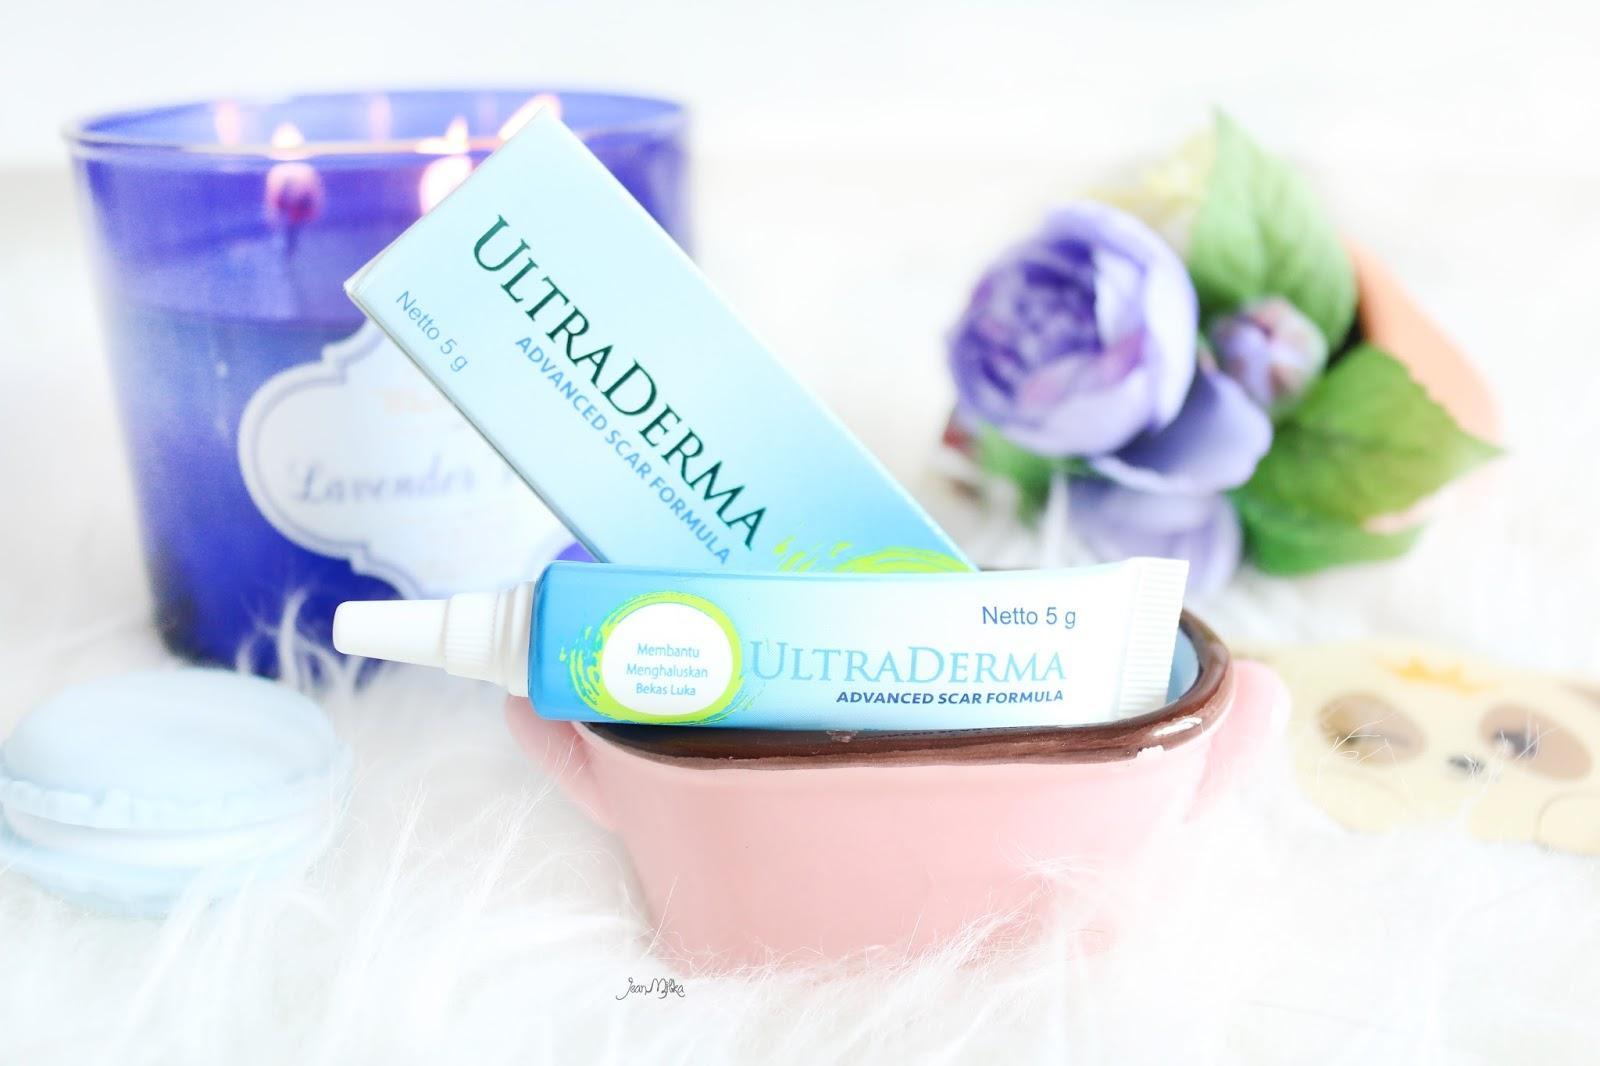 ultraderma, ultraderma advance scar, jerawat, skincare, skincare kulit berjerawat, solusi bekas jerawat, acne, acne scar, mengatasi kulit berjerawat